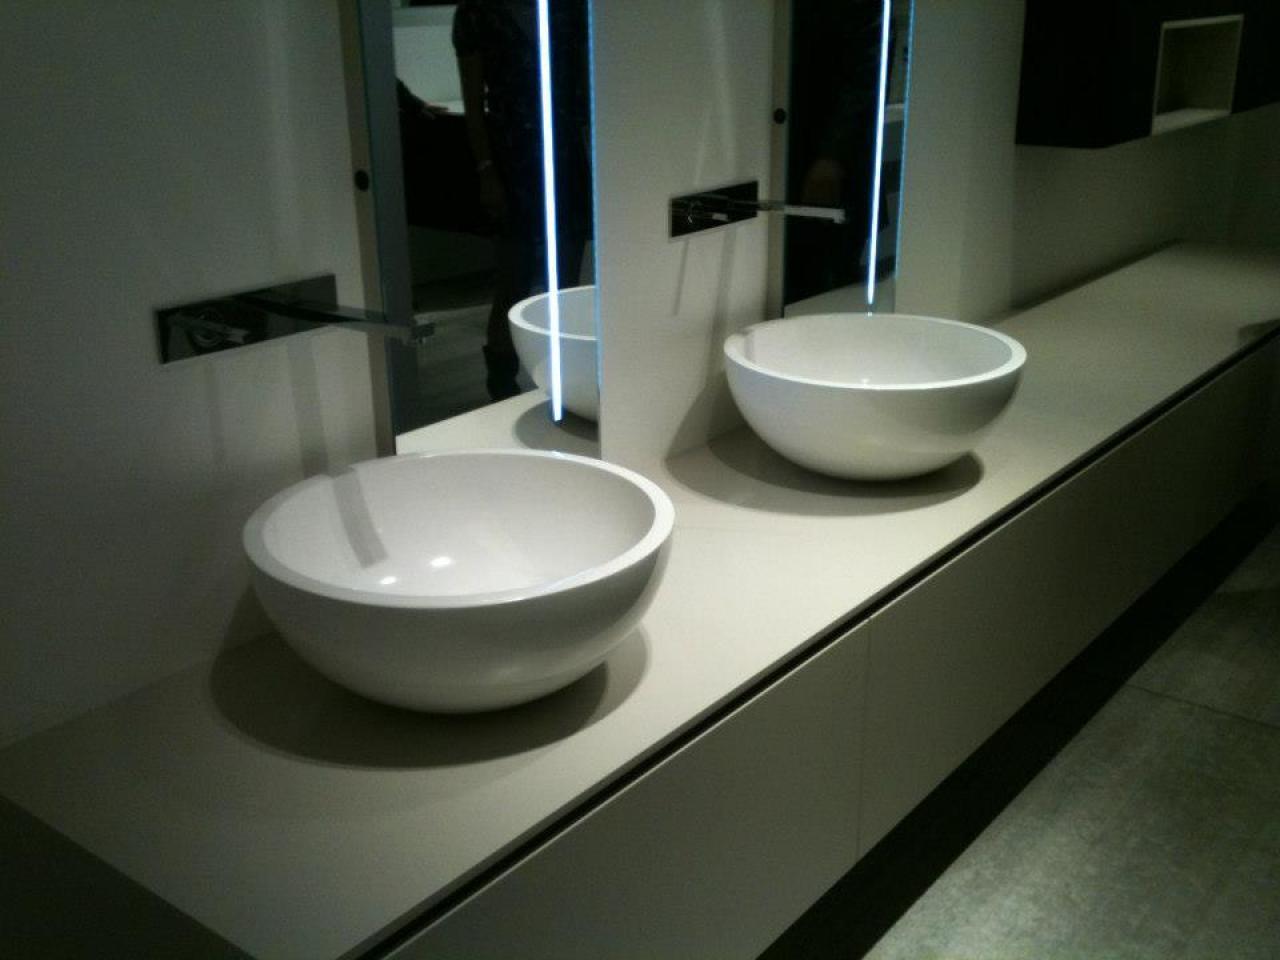 Lavandini Da Bagno Da Appoggio : Lavabo da appoggio per il bagno fratelli pellizzari